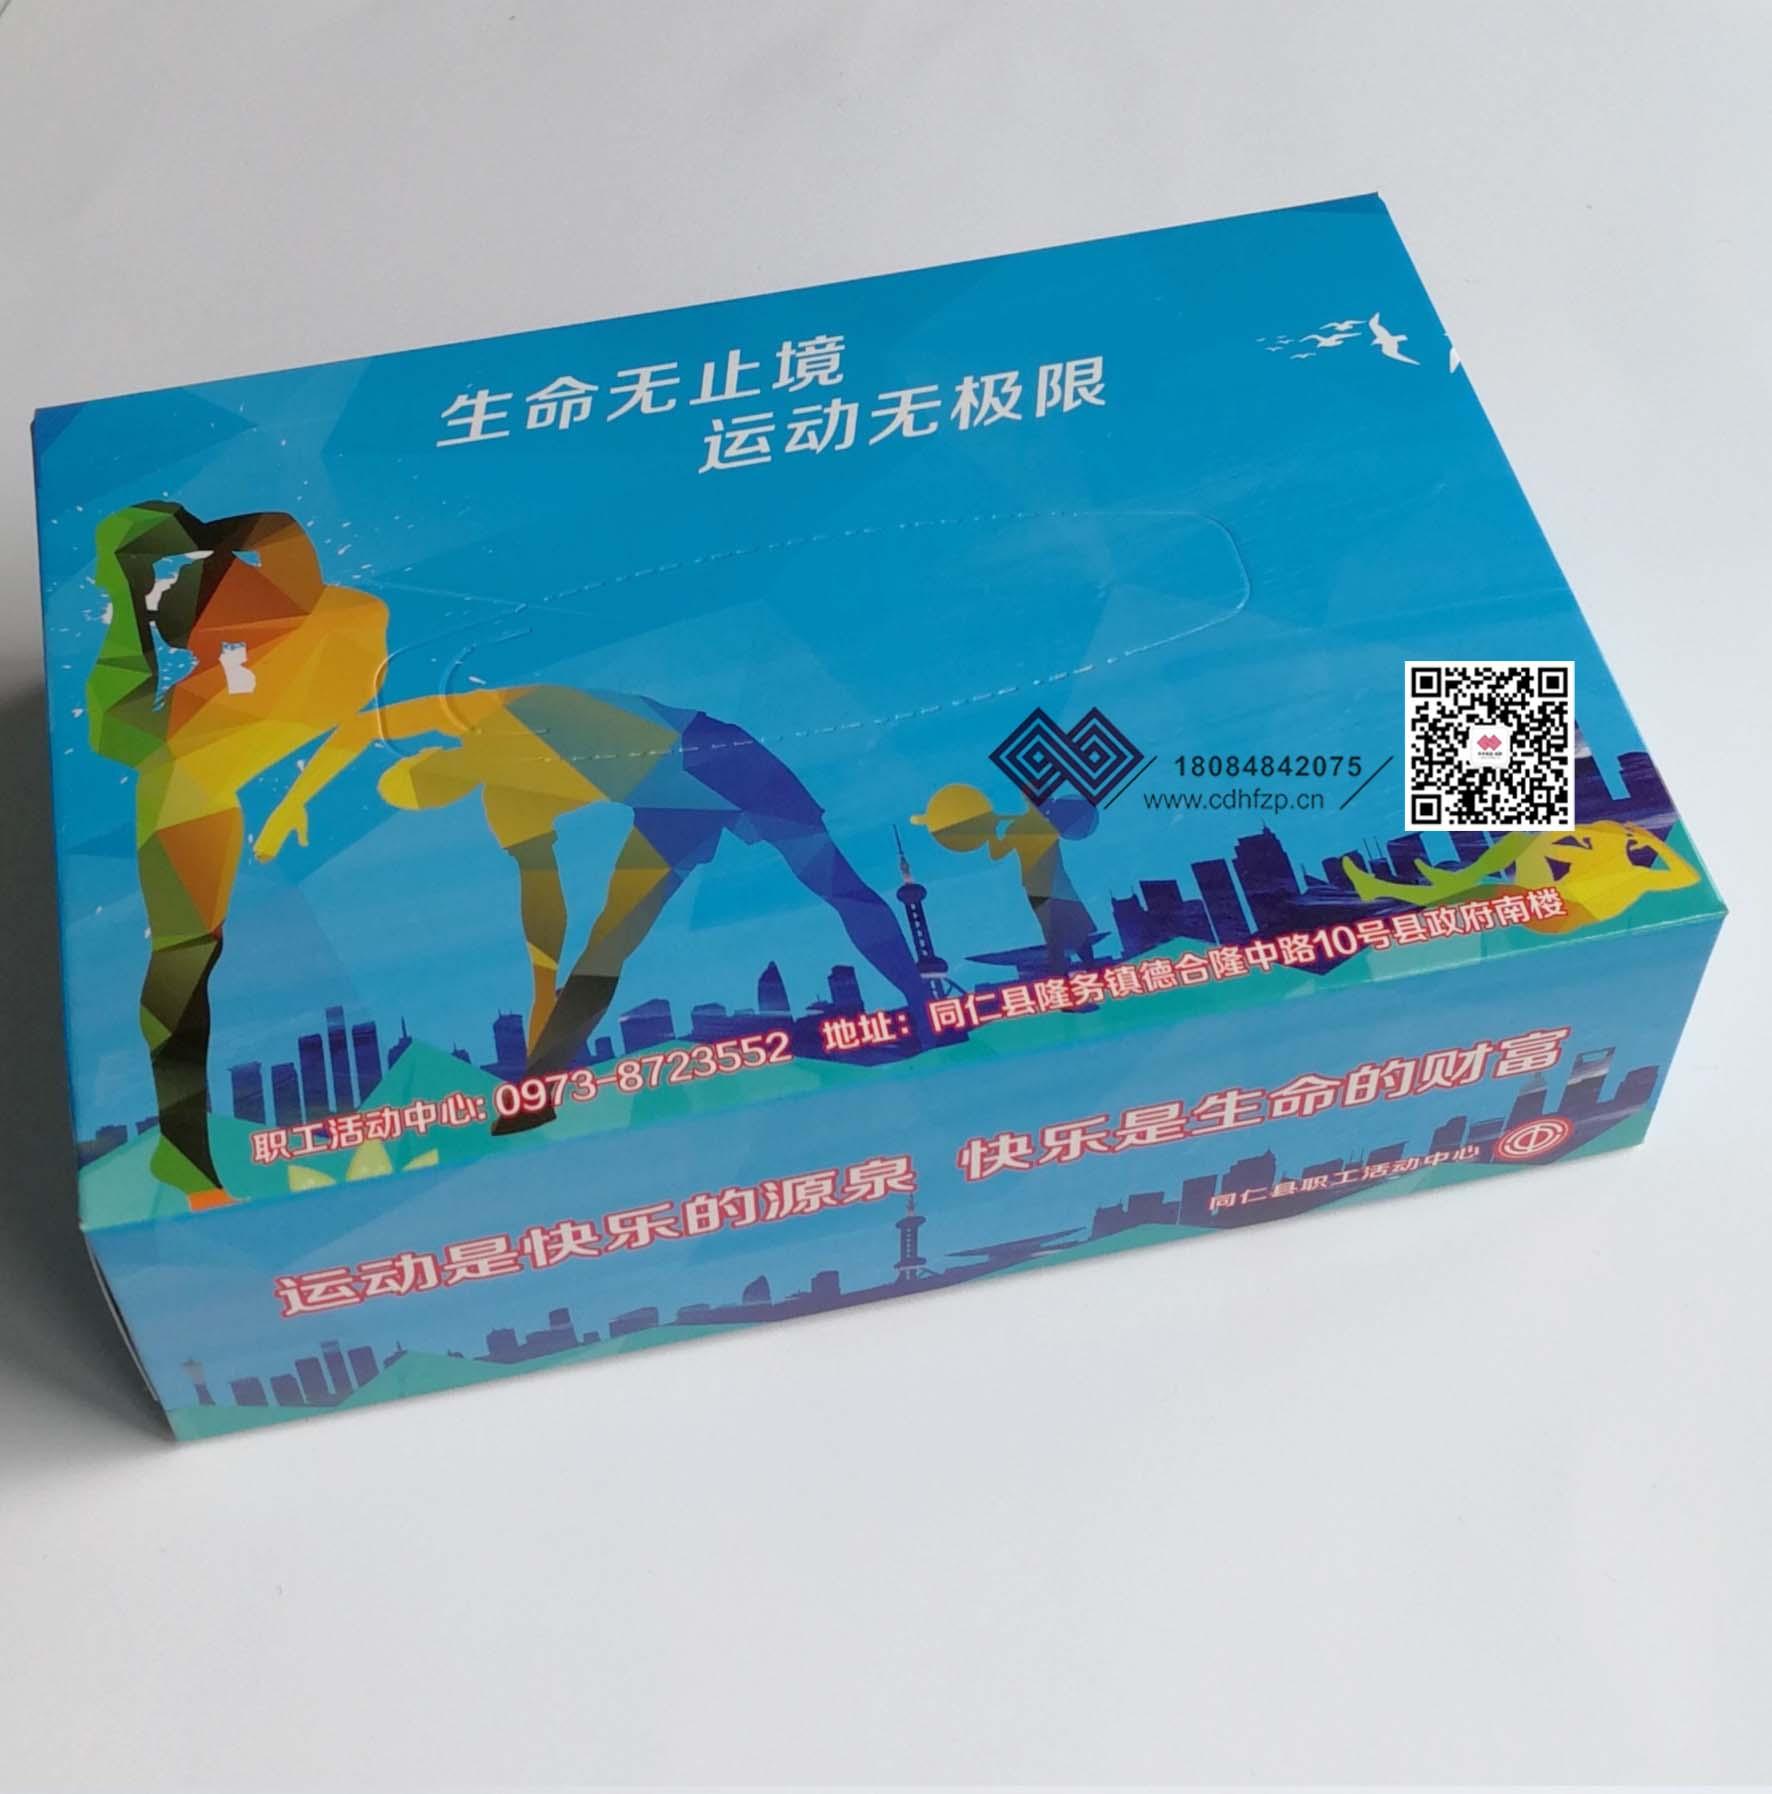 影响盒抽纸价格的因素?180*8484*2075成都华丰纸品